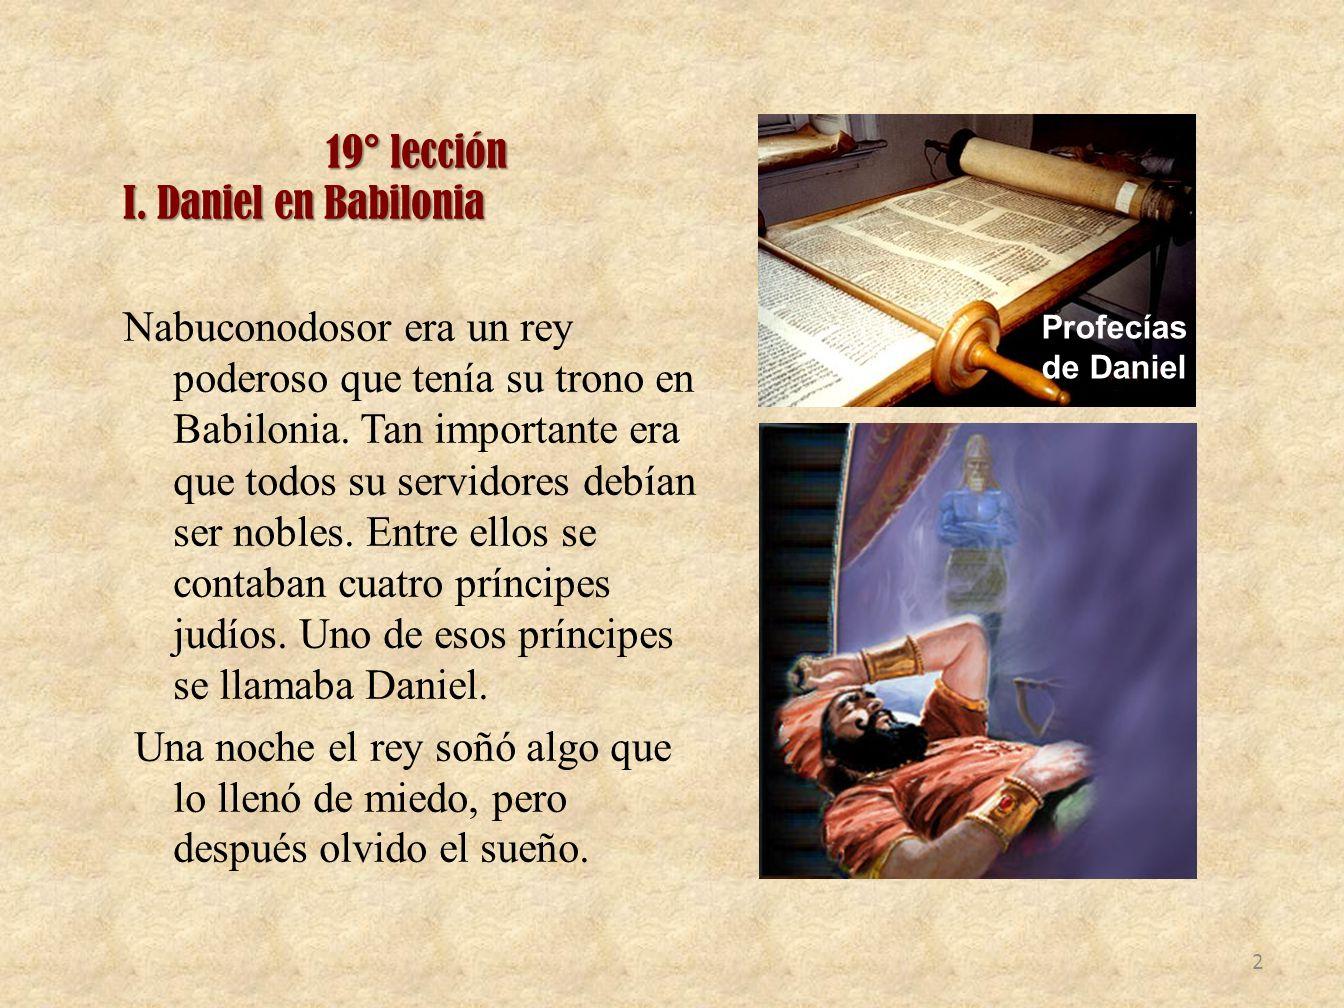 19° lección I. Daniel en Babilonia Nabuconodosor era un rey poderoso que tenía su trono en Babilonia. Tan importante era que todos su servidores debía